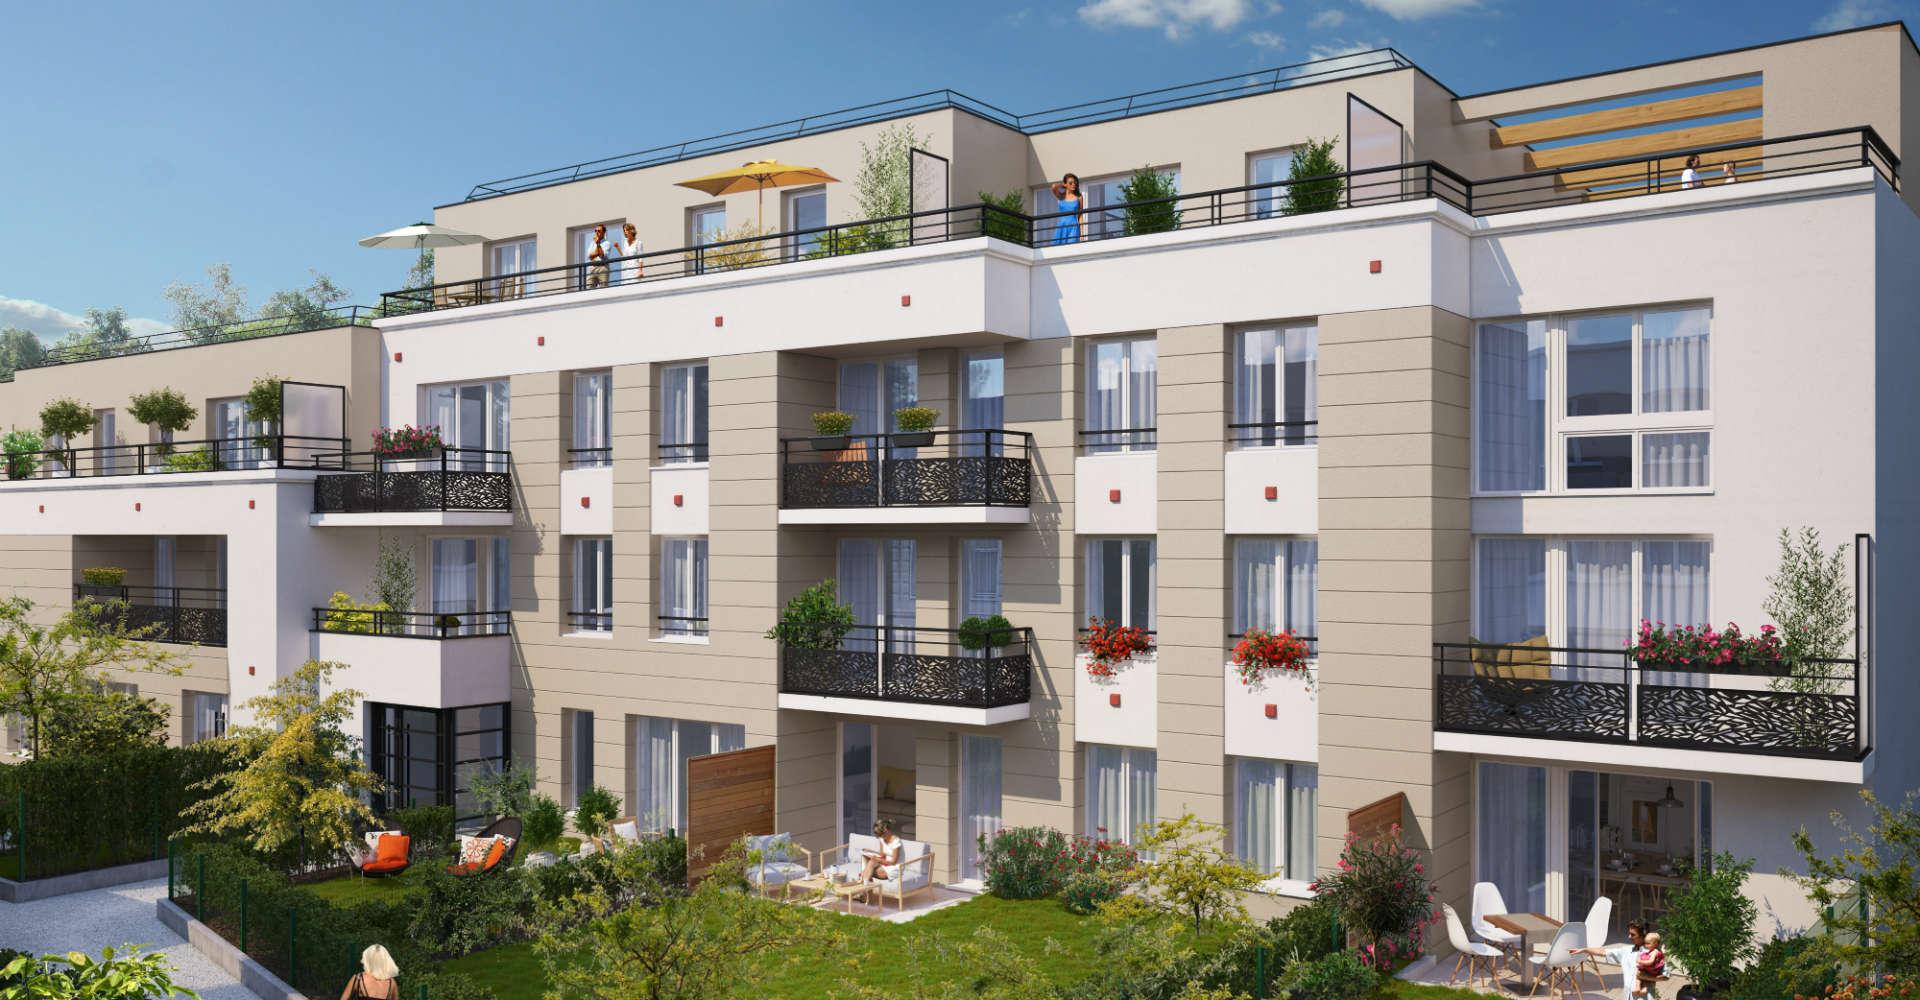 Projet immobilier à sete: investir dans le neuf ou l'ancien